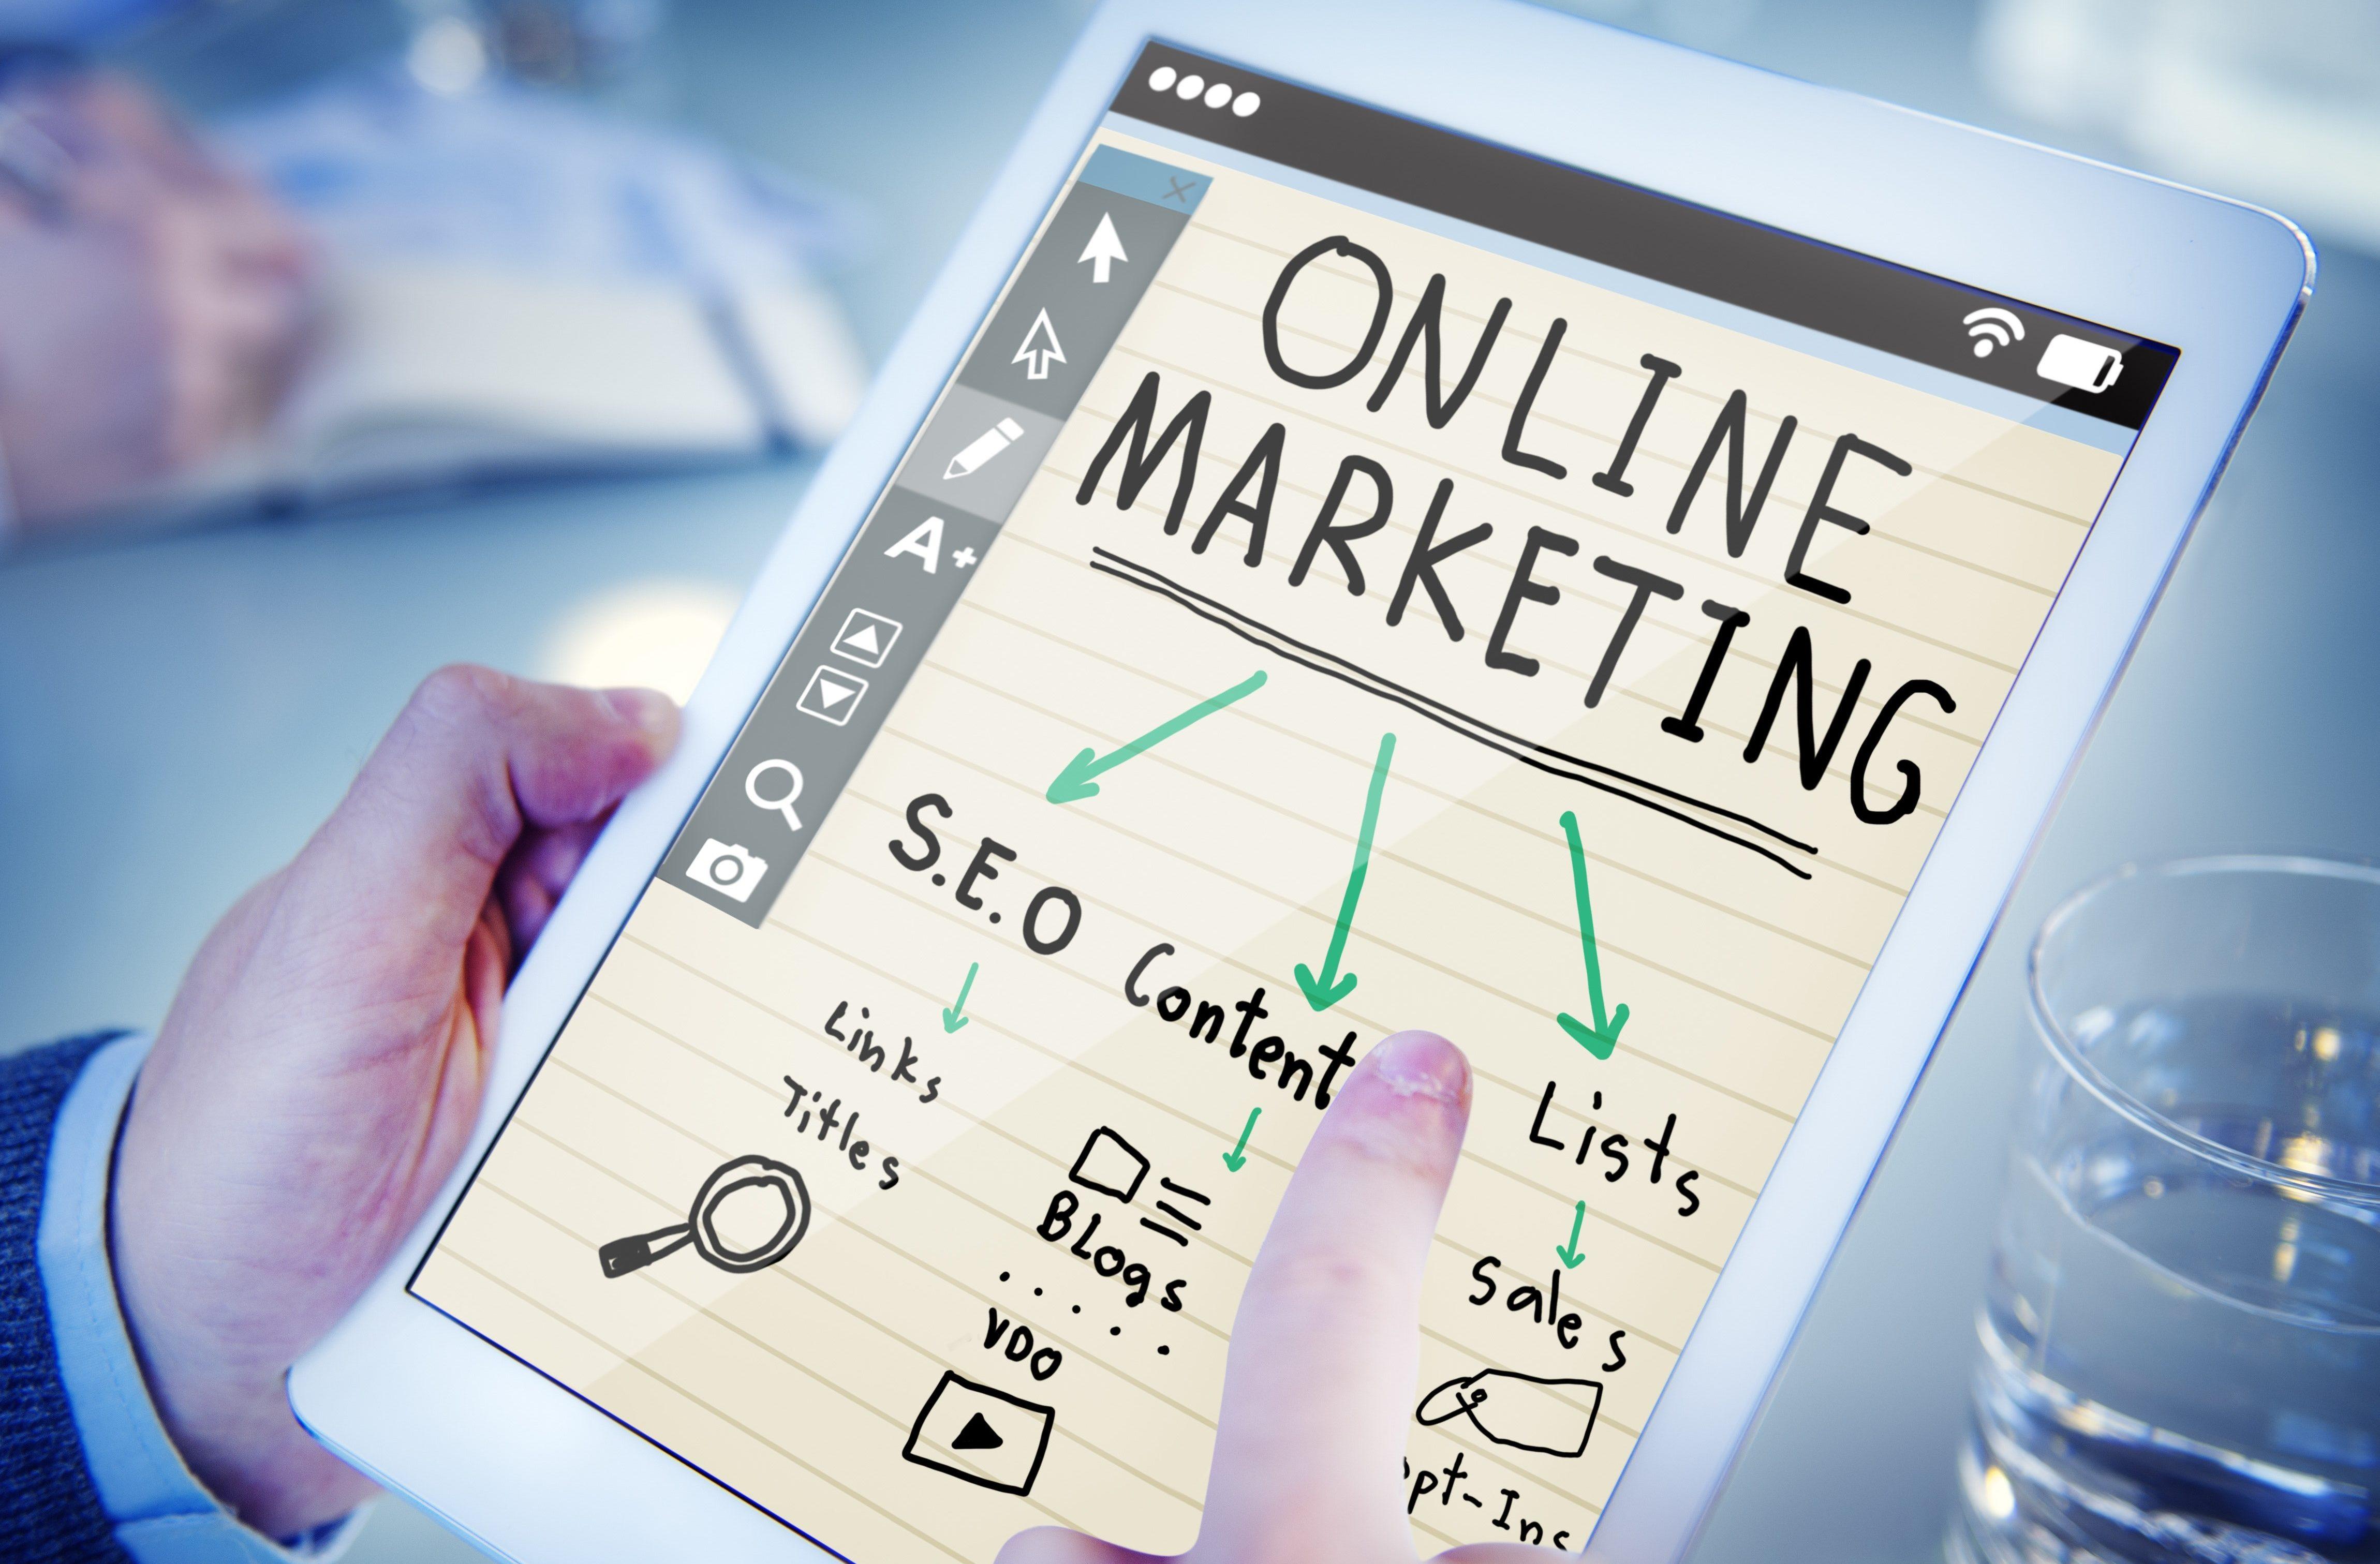 10 razones por las que es necesario aprender marketing digital   10 razones por las que es necesario aprender marketing digital OnlineMarketing e1529058440269